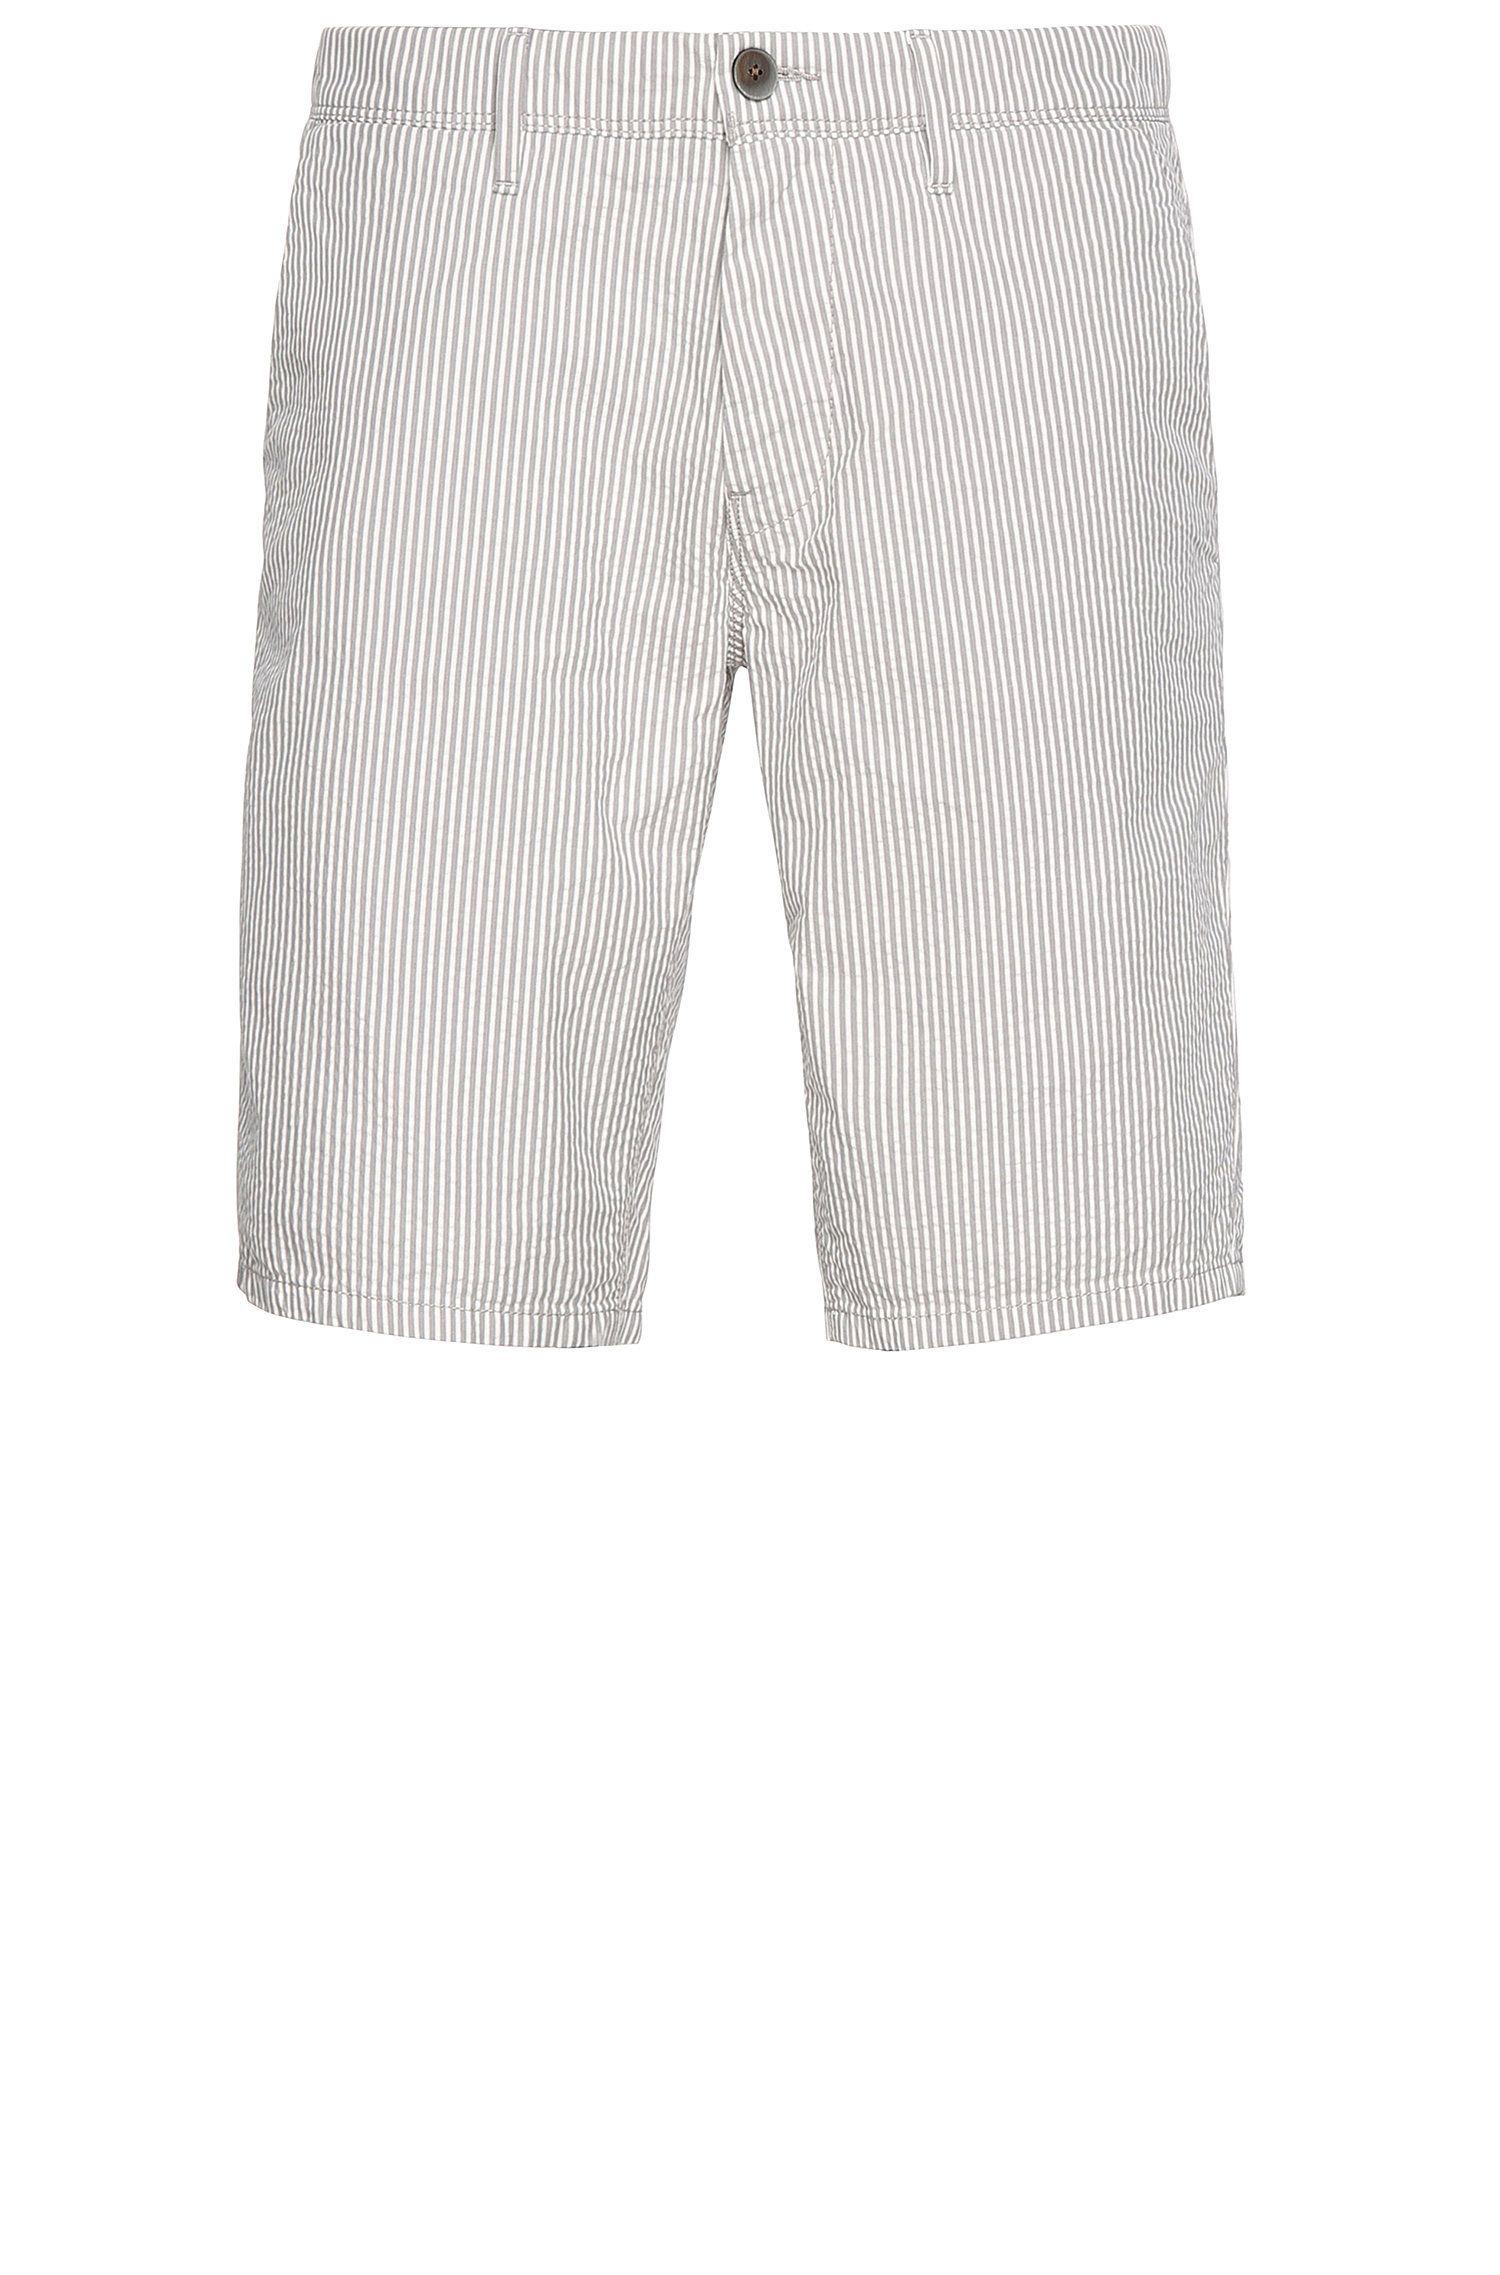 'Slender Shorts W' | Seersucker Cotton Shorts